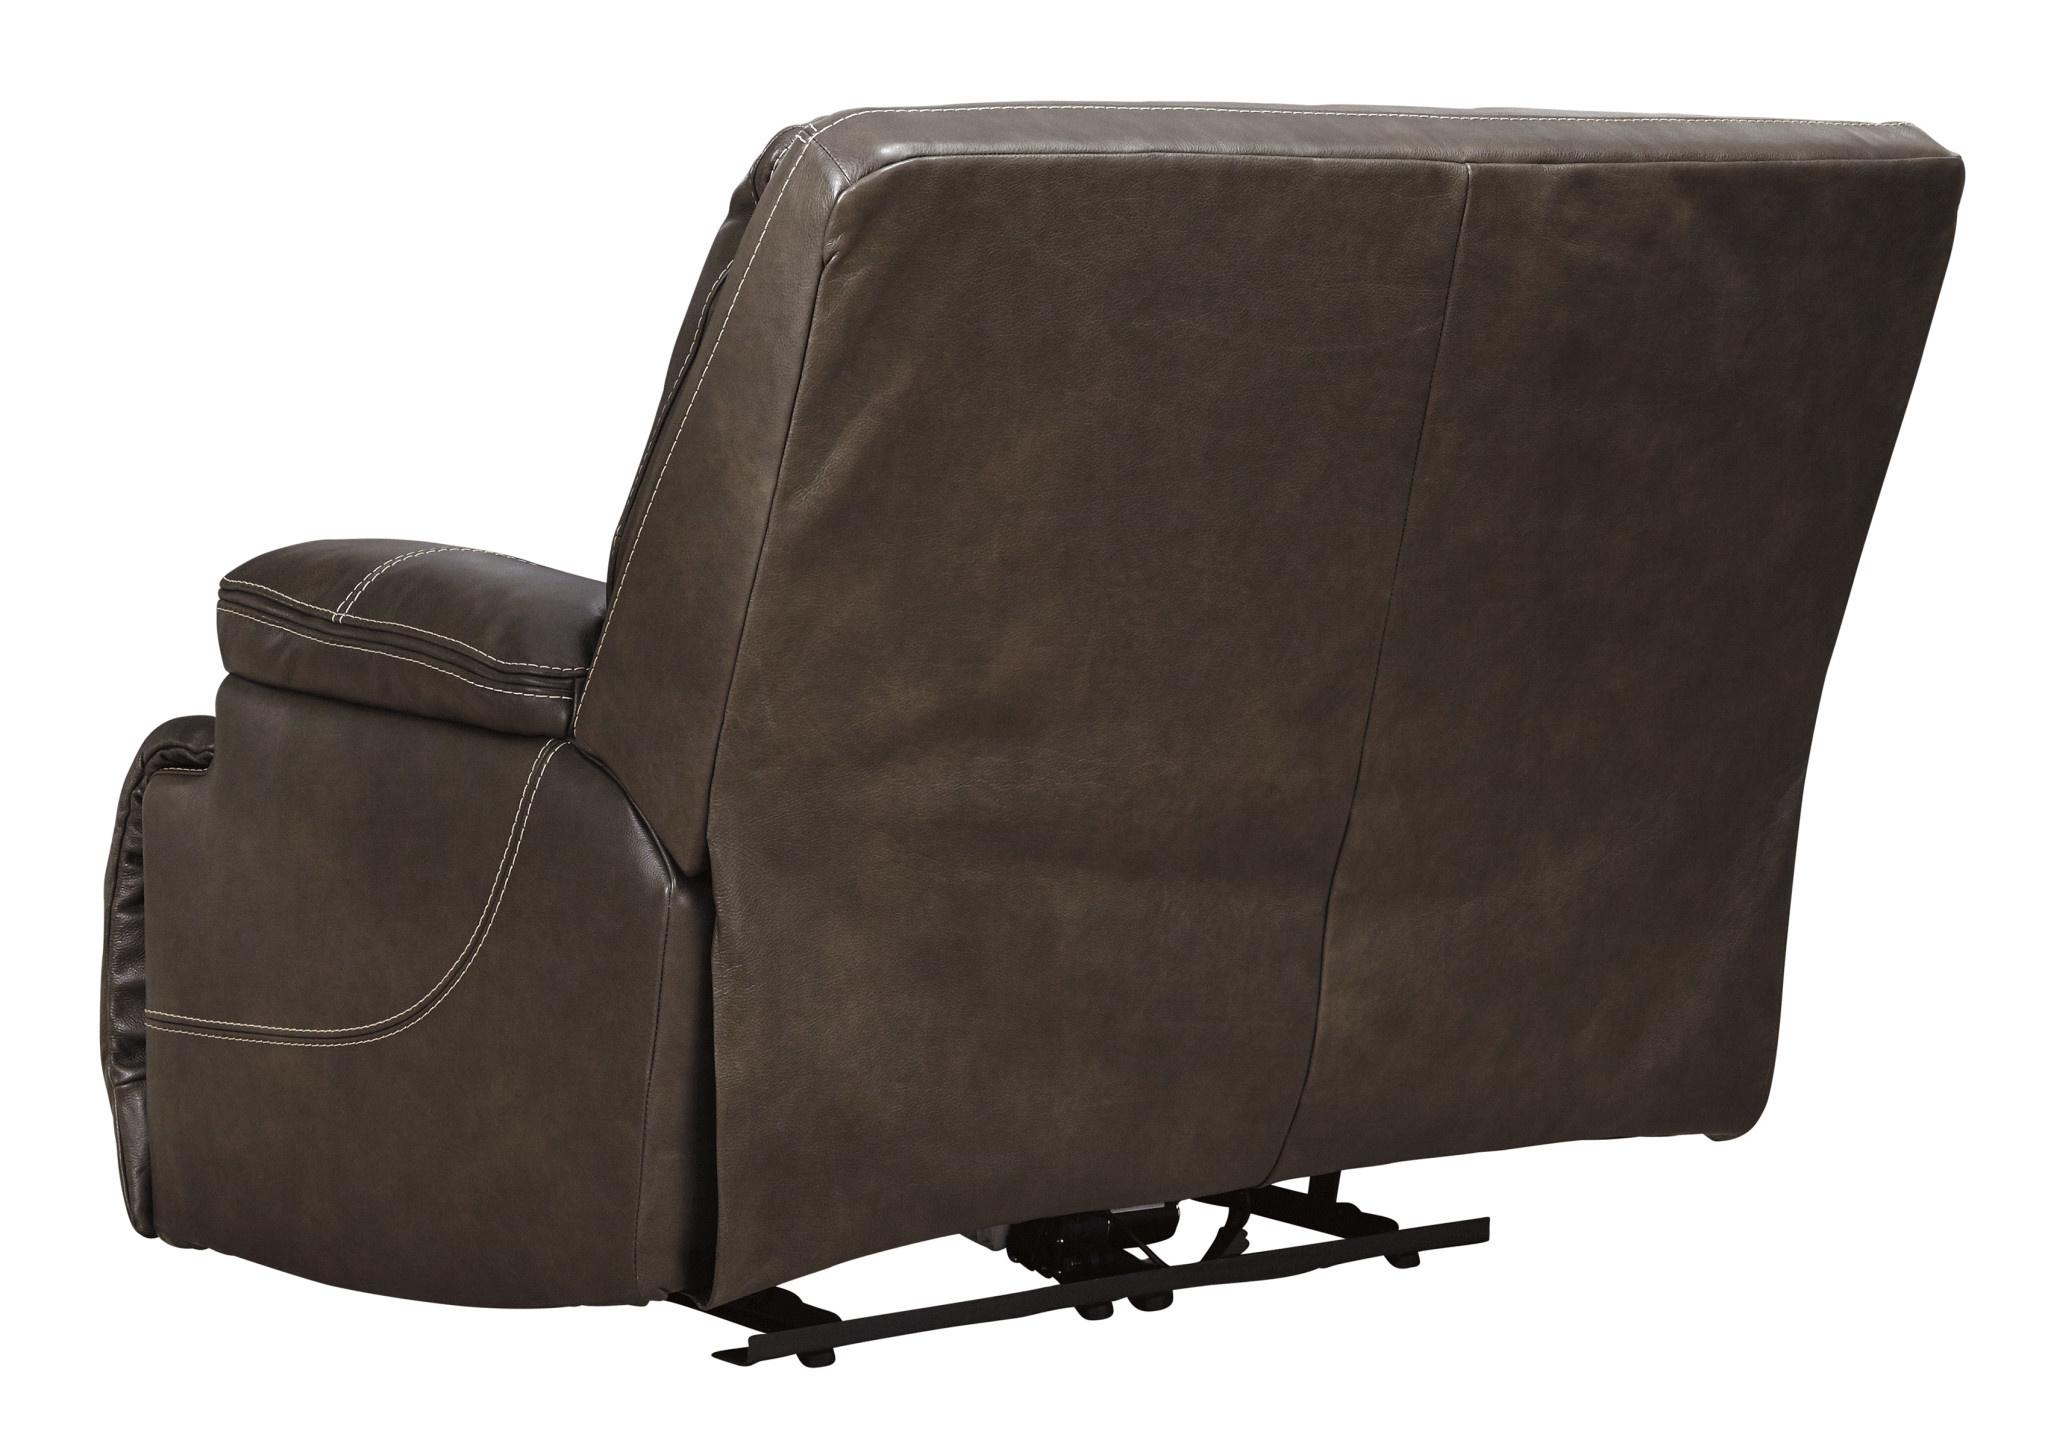 """Signature Design """"Ricmen"""" Leather Wide Seat Power Recliner, """"Walnut"""" Color U4370182"""